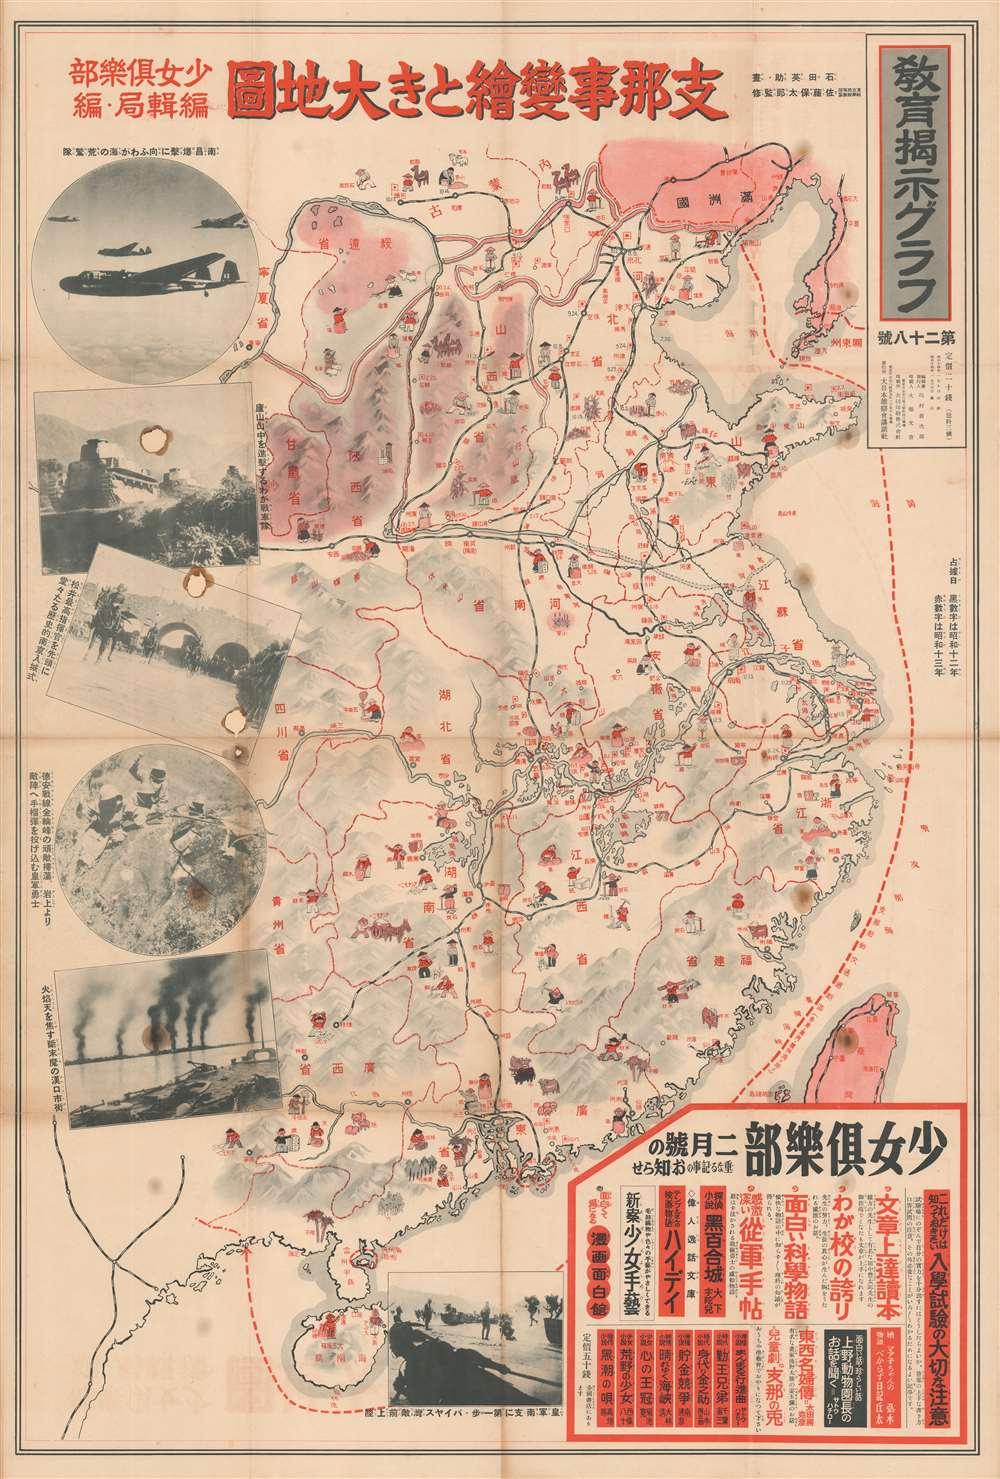 支那事變繪とき大地圖 / [Sino-Japanese War and Resources]. - Main View